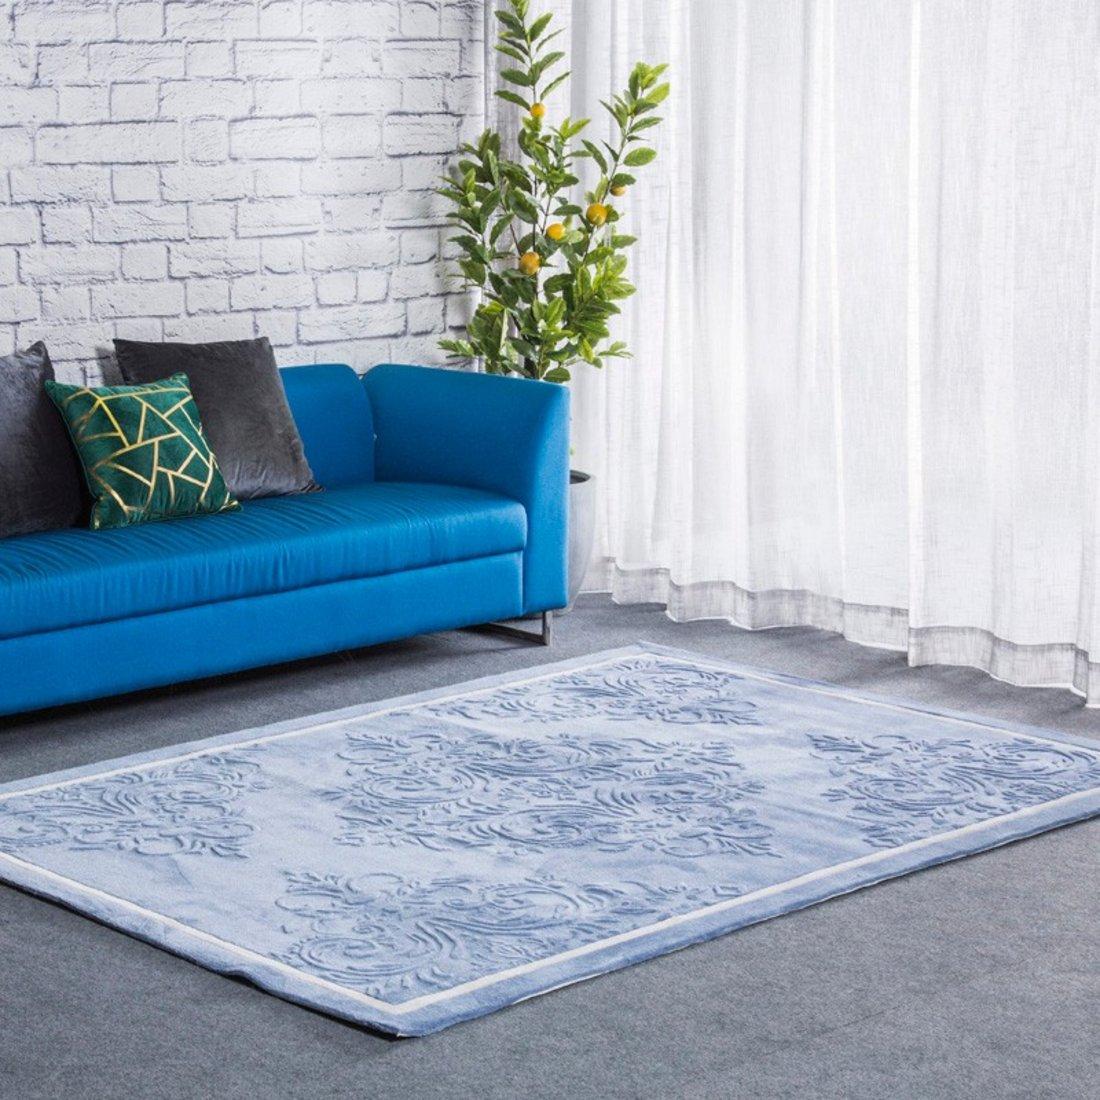 艾克斯系列 地毯 腈纶材质 家居软装